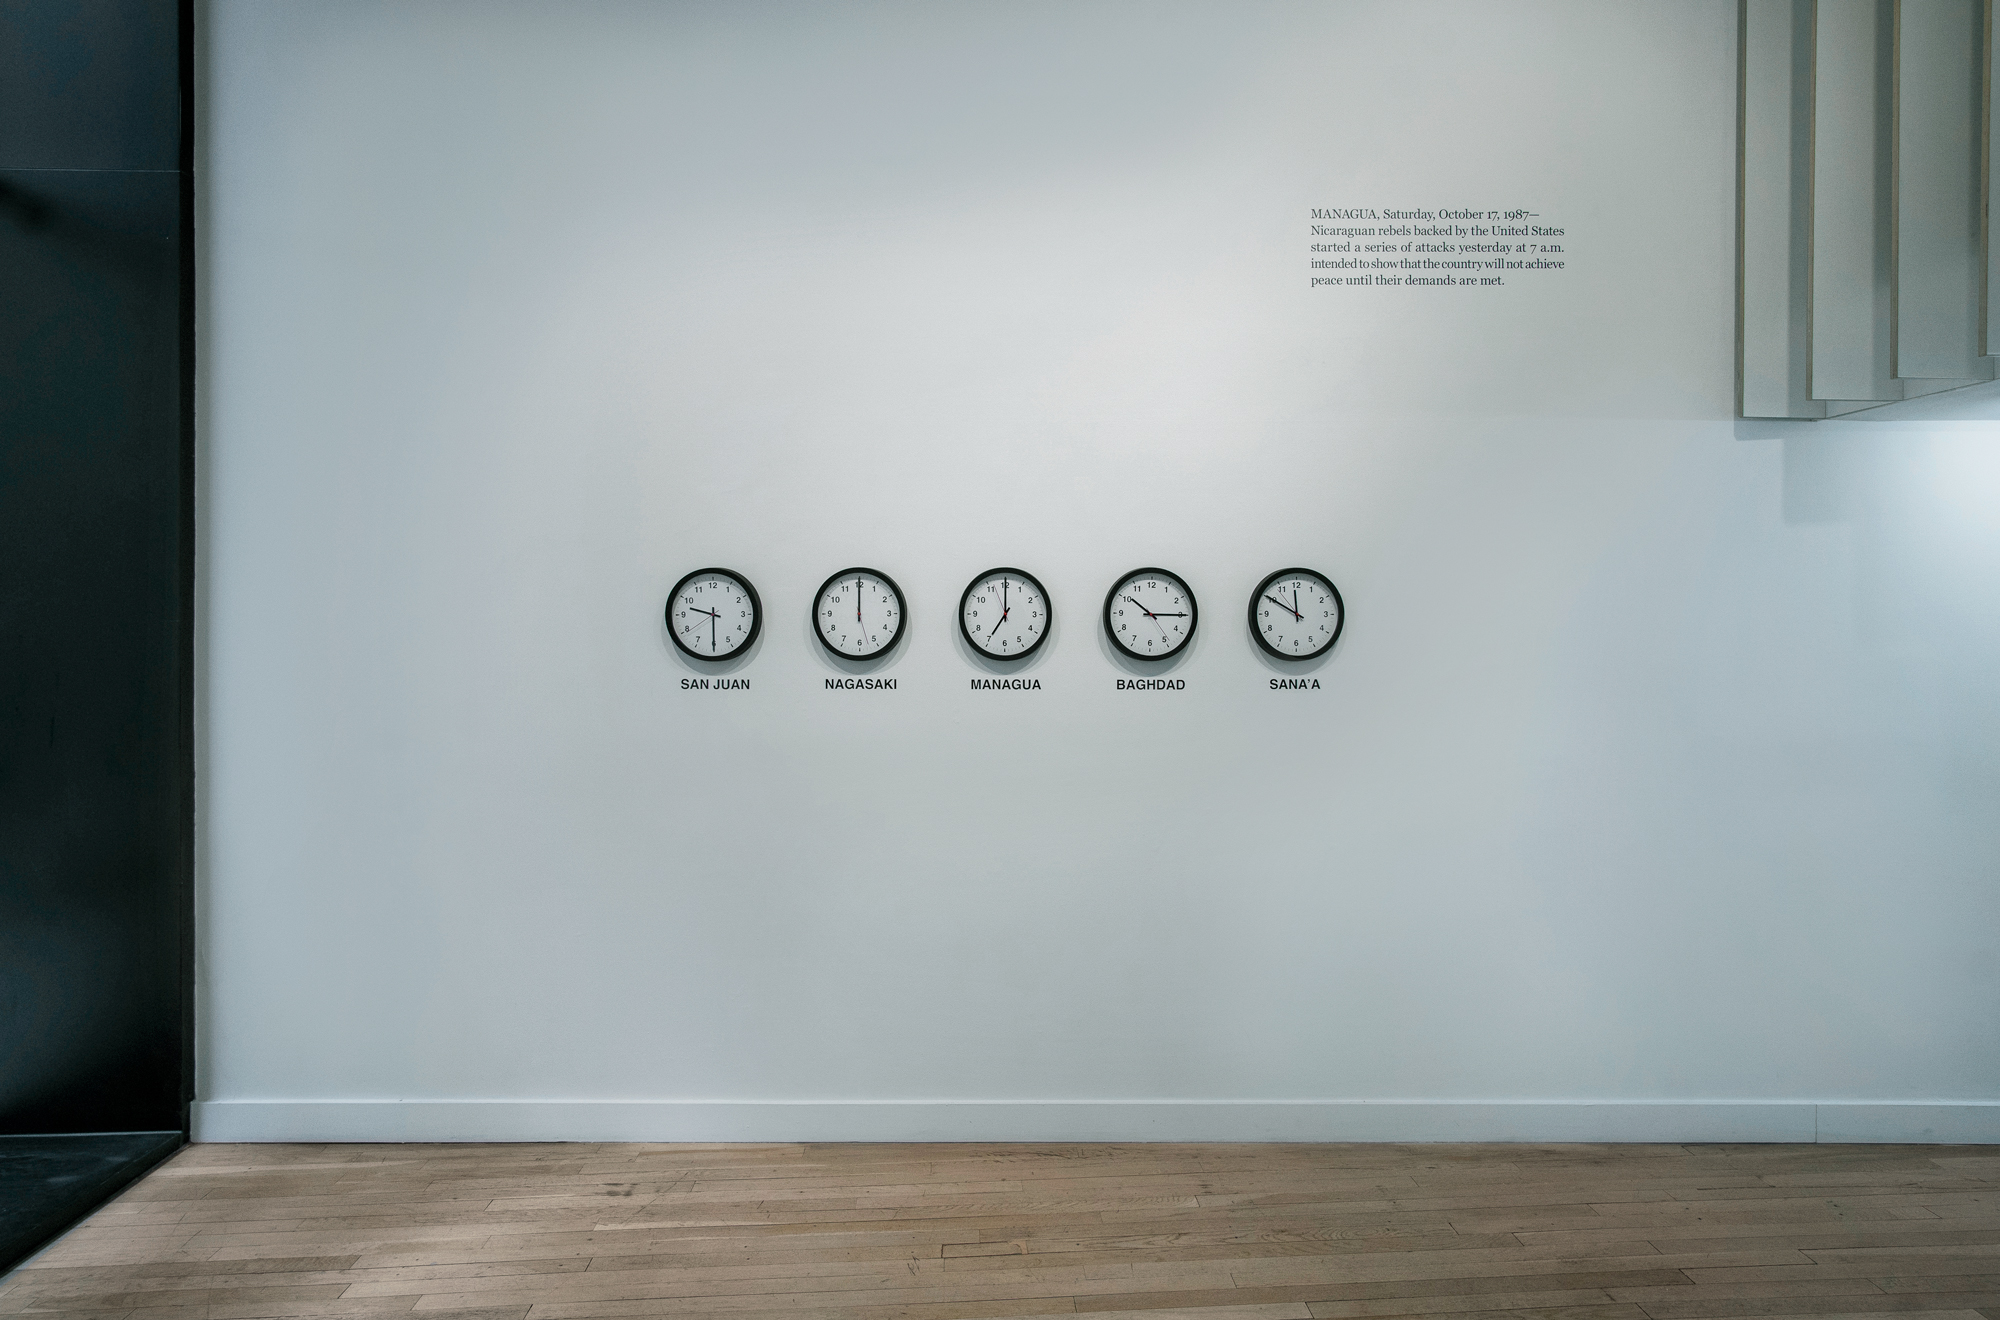 02_Camilo_Godoy_En_Vivo_y_en_Directo_install_clocks_DSC00194_web.jpg